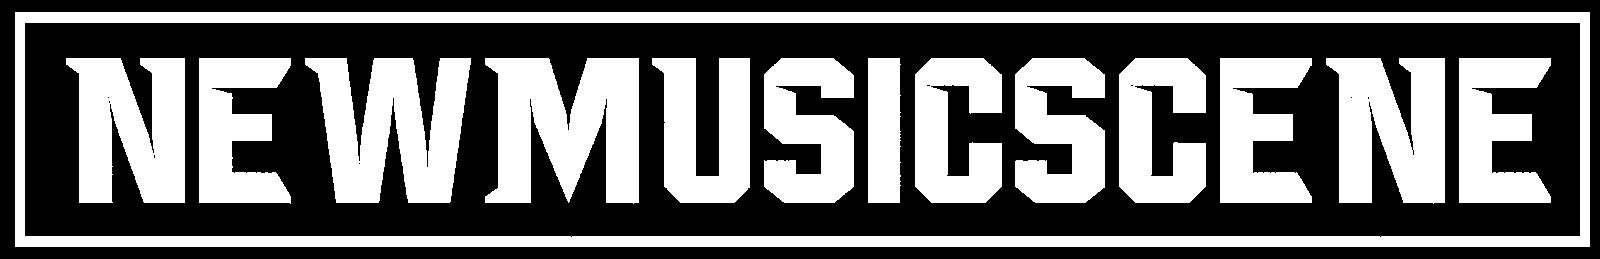 newmusicscene